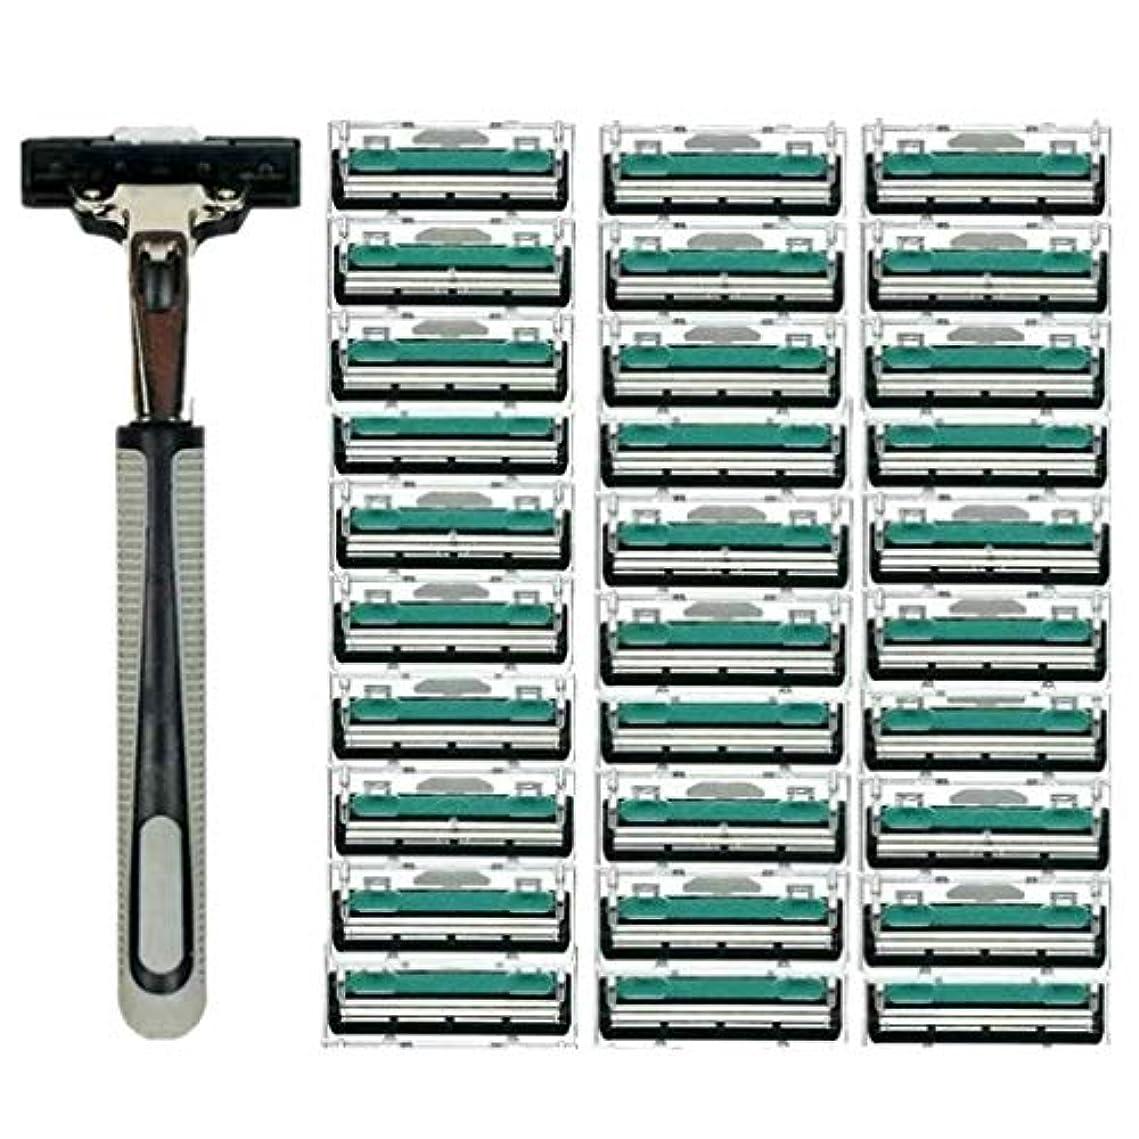 風邪をひく補助始めるKOROWA髭剃り 男性カミソリ 替刃30個付 安全性 大容量 …